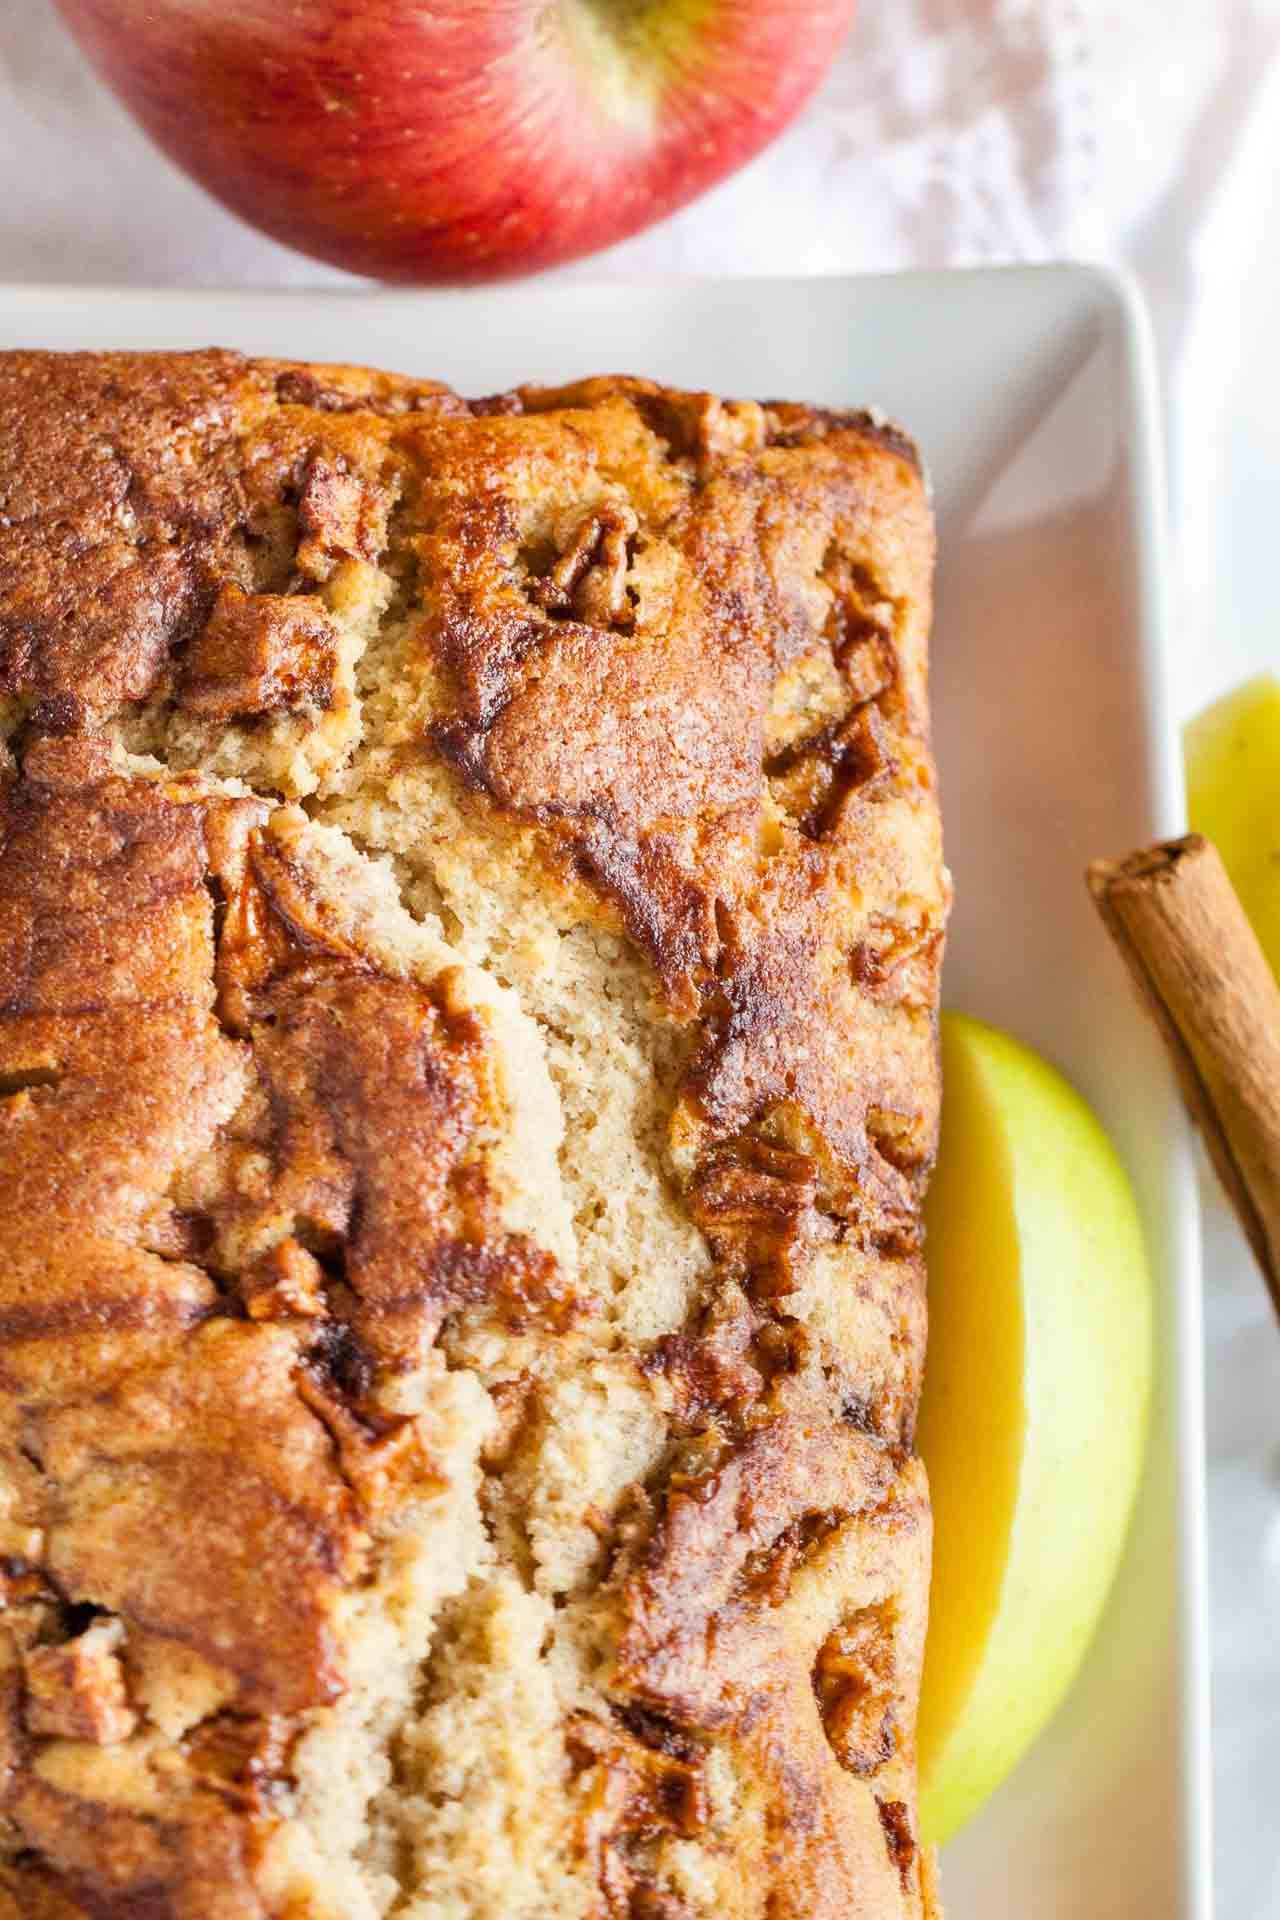 Quick Bread Recipes  Apple Cinnamon Bread Recipe An easy fall quick bread recipe